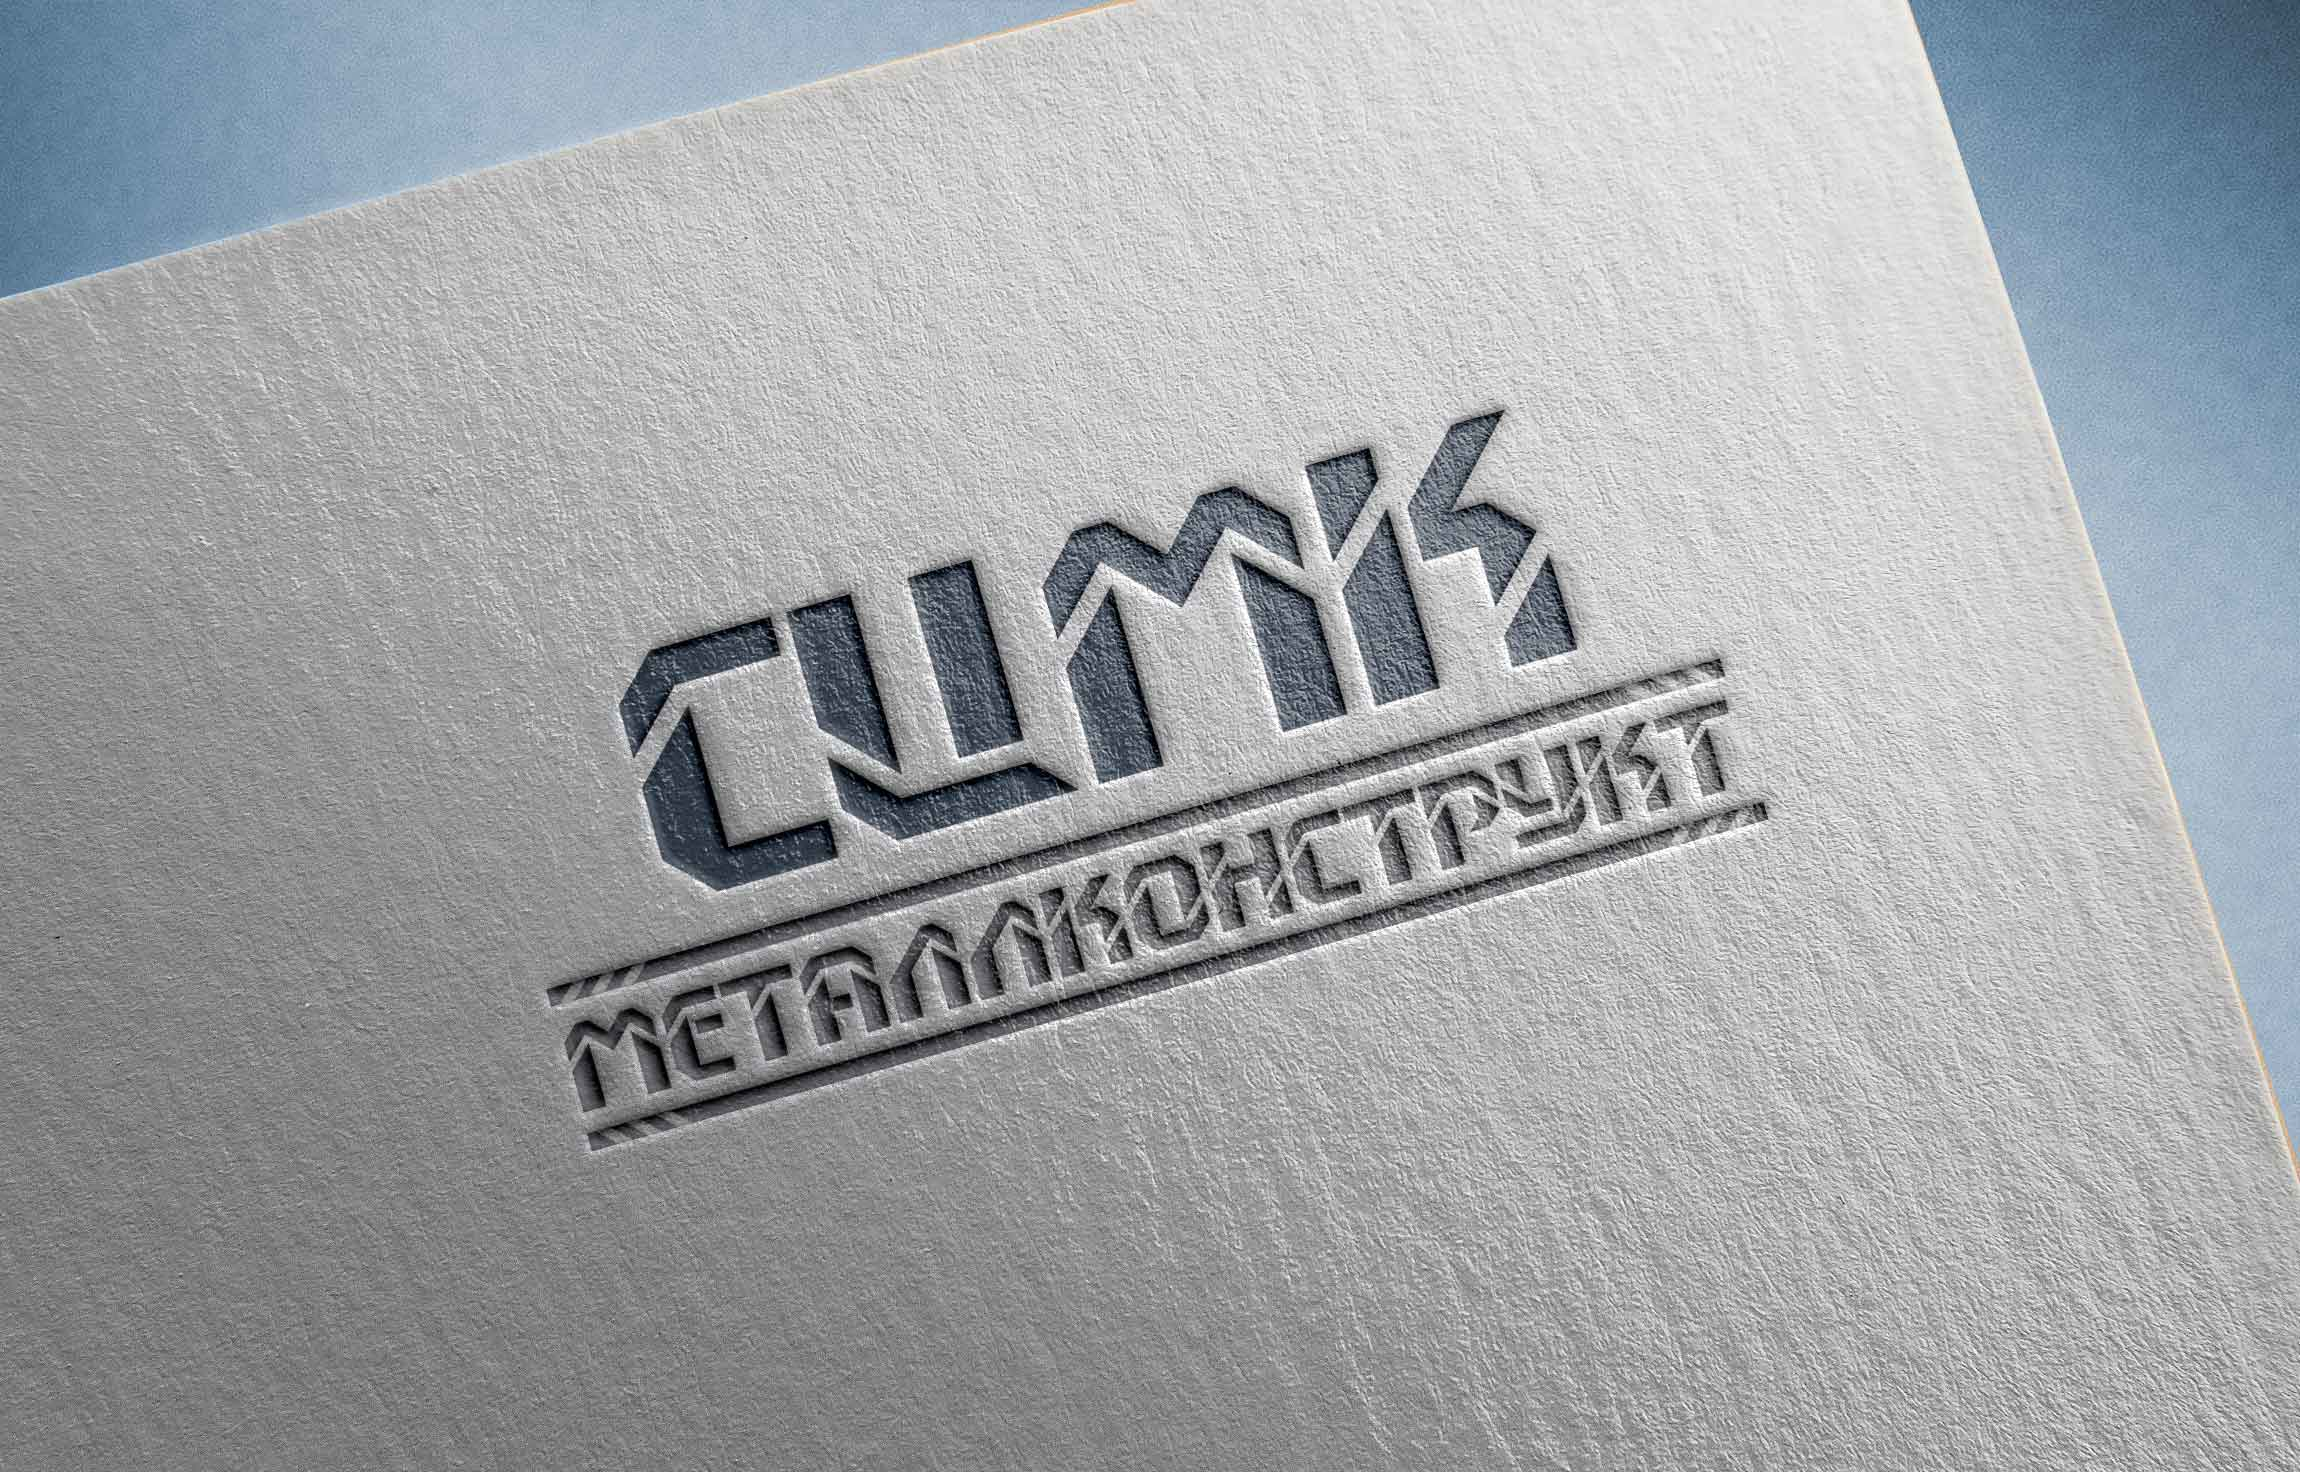 Разработка логотипа и фирменного стиля фото f_9535ae7763d622f7.jpg